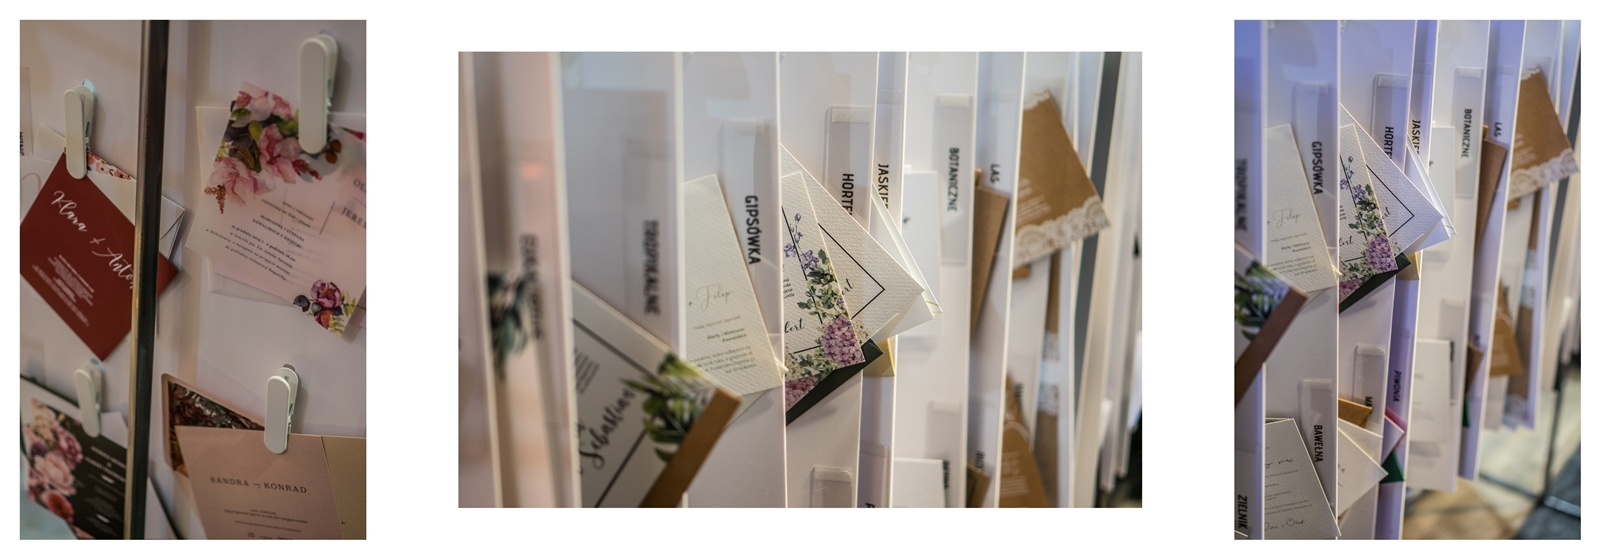 4 OFF WEDDING - Alternatywne Targi ślubne papeteria. biżuteria ślubna, dodatki ślubne, boho dekoracje , kwiaty na ślub i wesele, warszawa, łódź, romantczne, naturalne, nietypowe papeterie ślubne